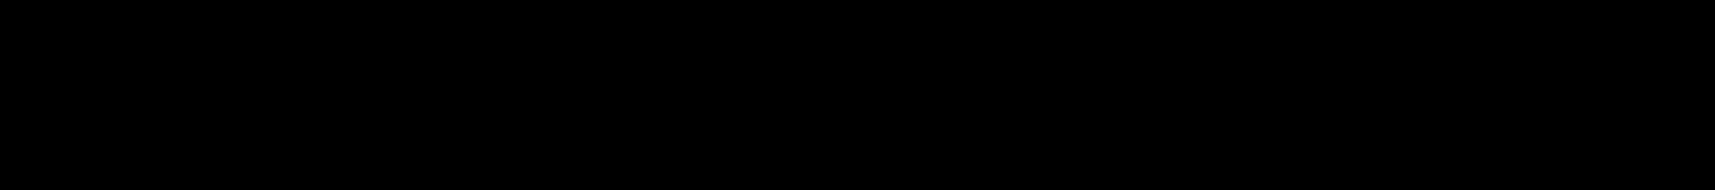 BAW - LogoArtboard 1 copy 7_4x.png